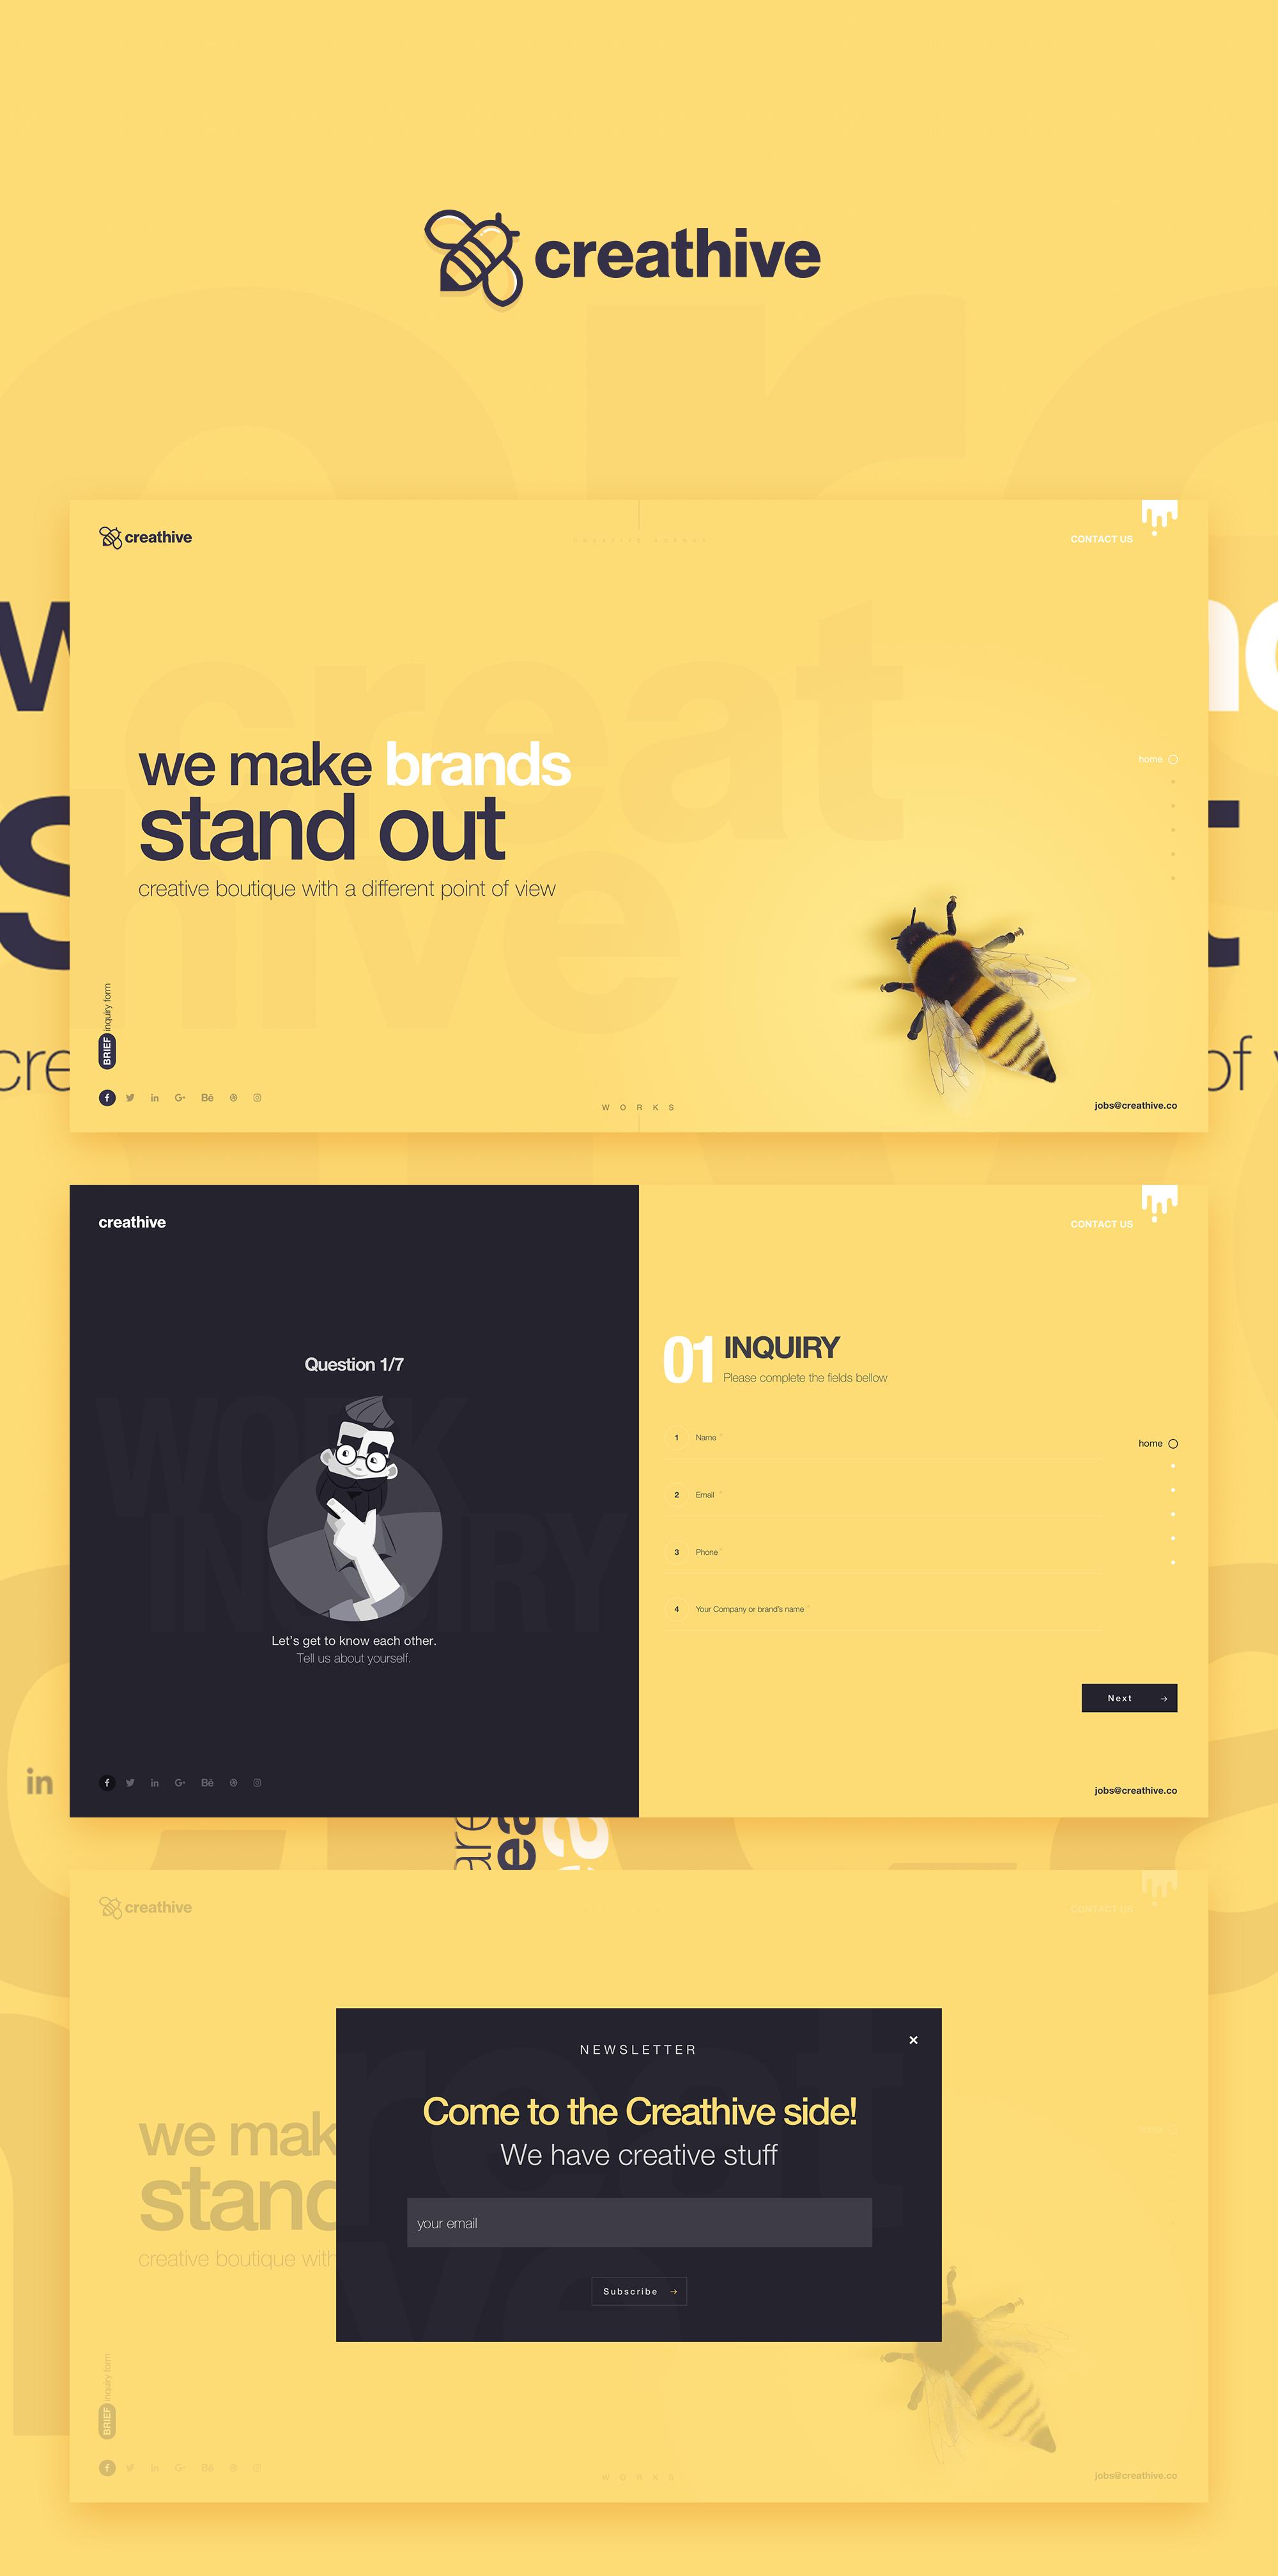 Creathive On Pige Institutionnel Web Design Design Website Et Agence Webdesign